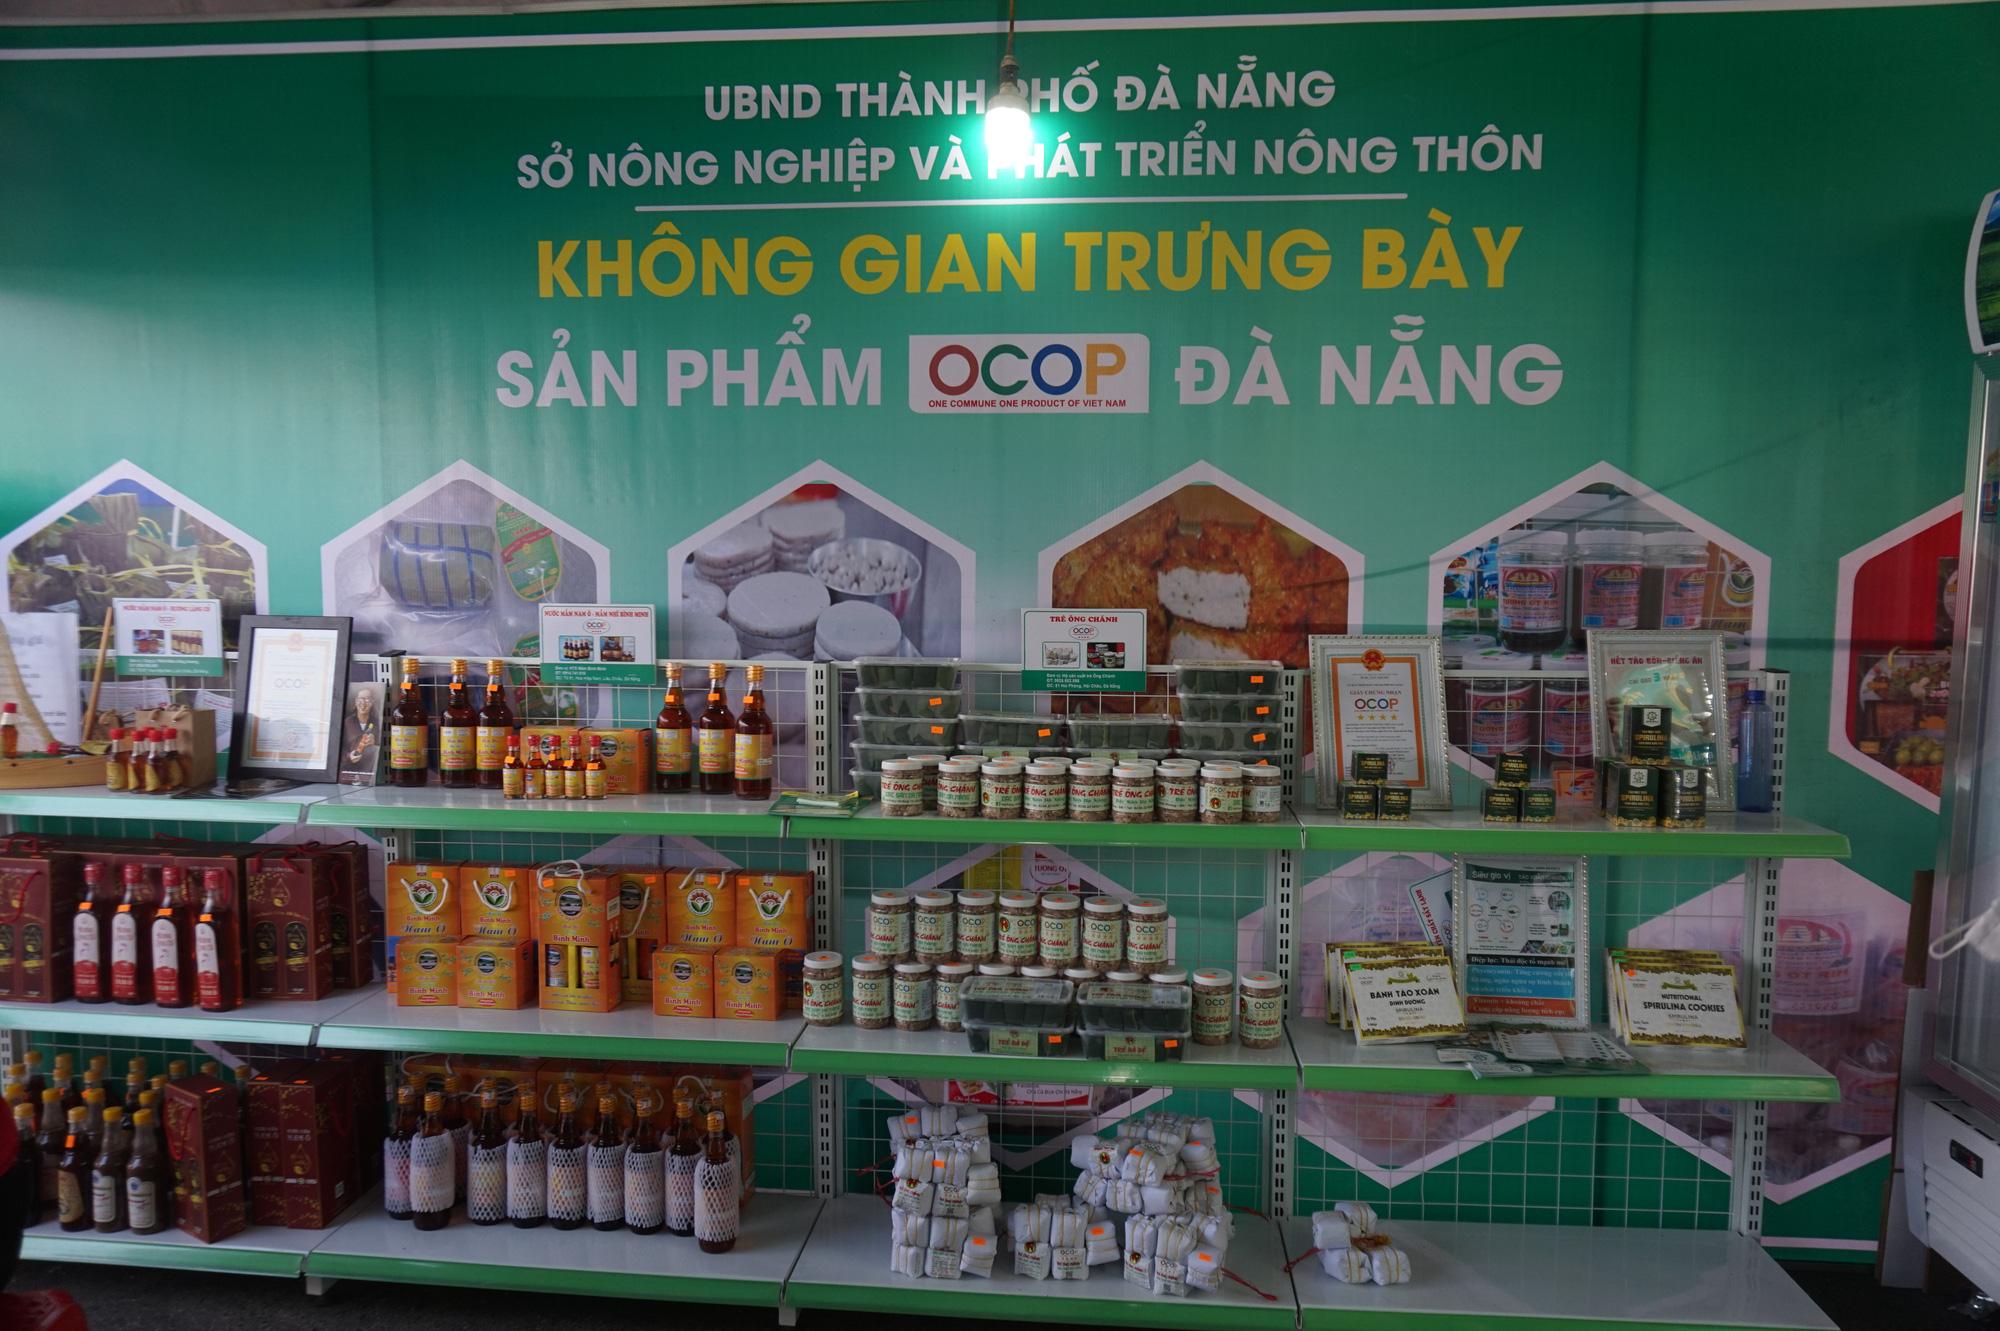 Đà Nẵng: Sản phẩm OCOP, rau sạch hút hàng tại Phiên sợ nông sản - Ảnh 4.